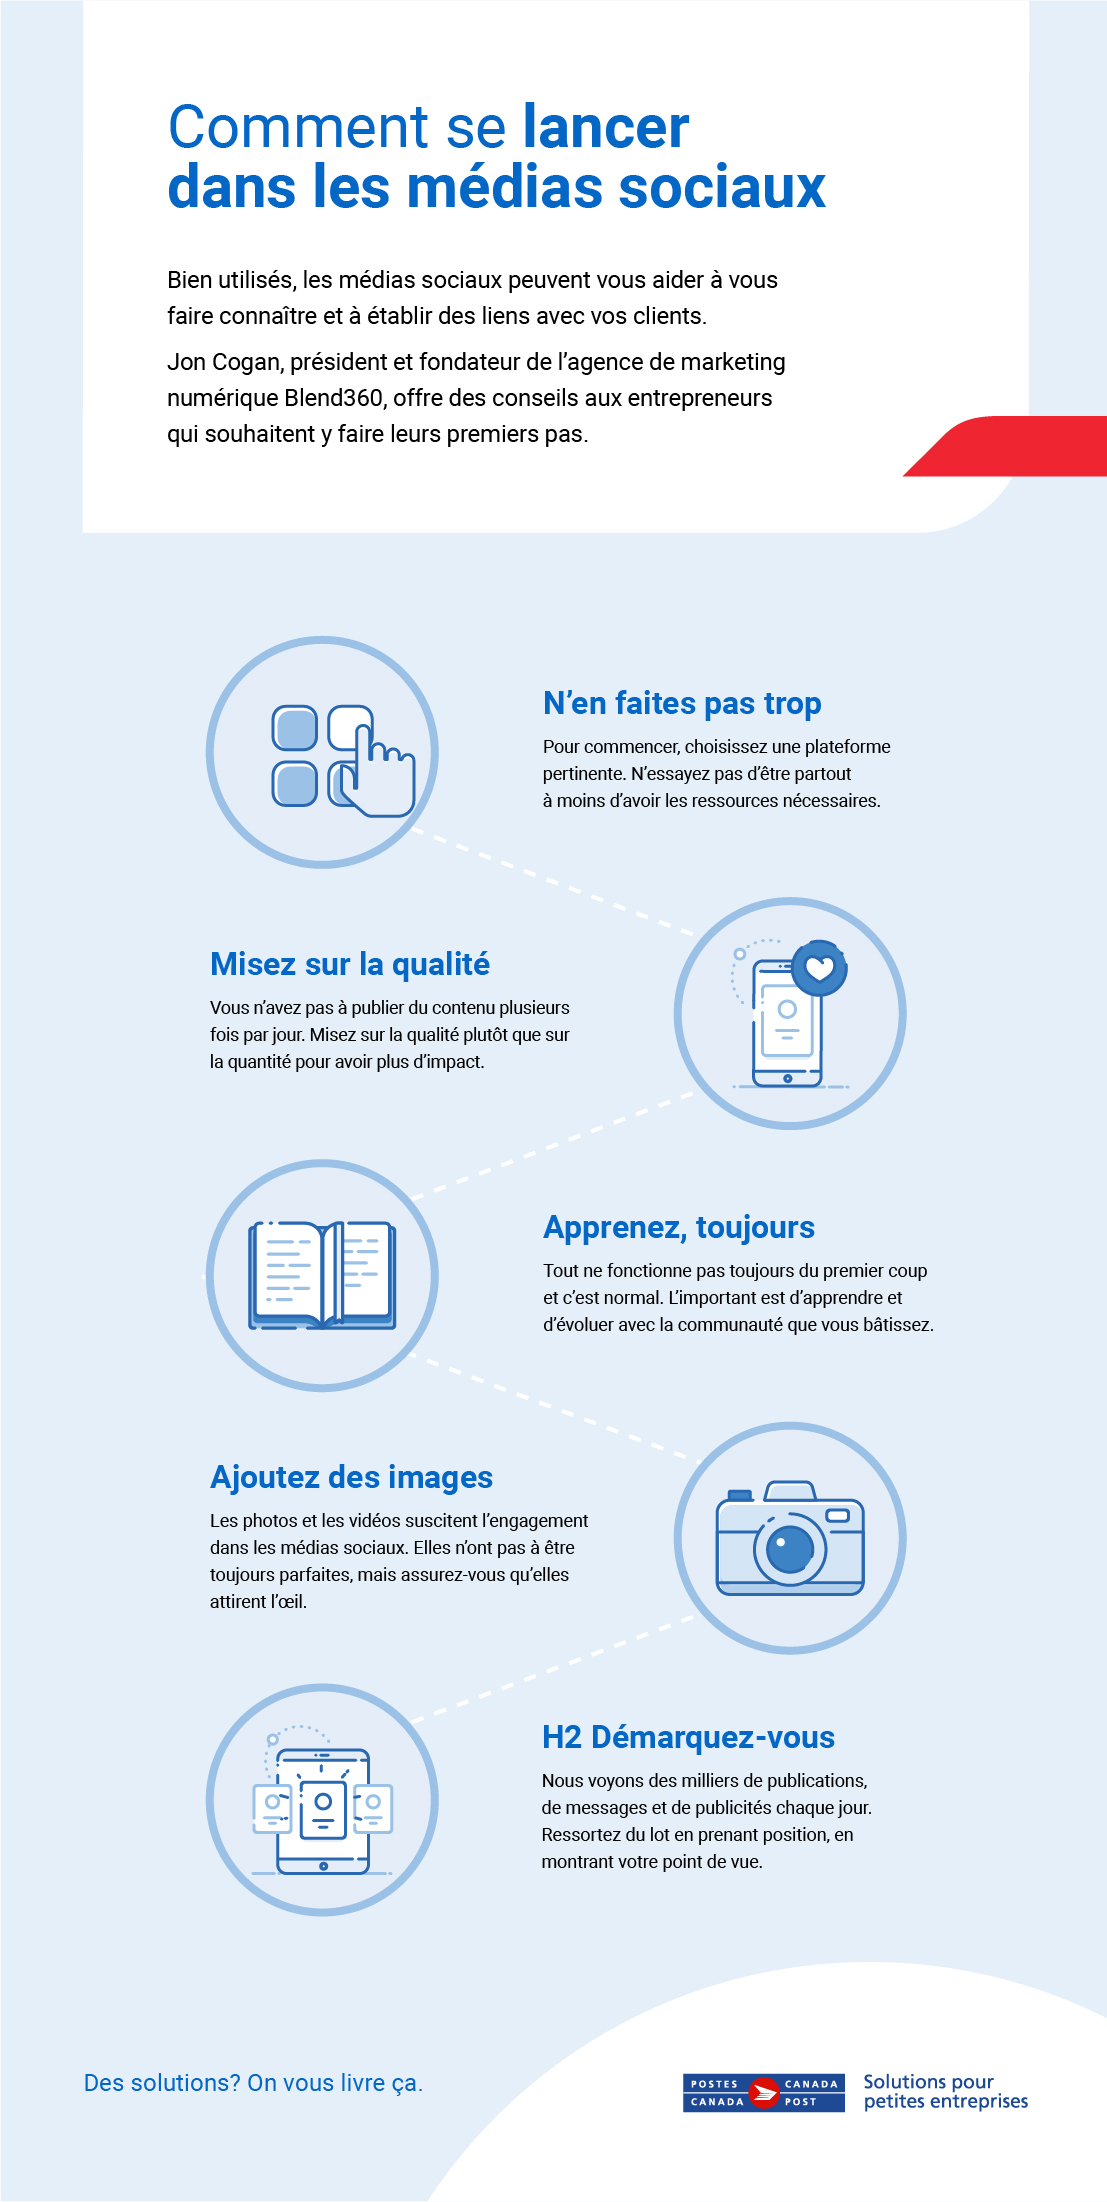 Téléchargez notre document PDF, Comment se lancer dans les médias sociaux, et obtenez 5 conseils pour établir votre présence dans les médias sociaux.